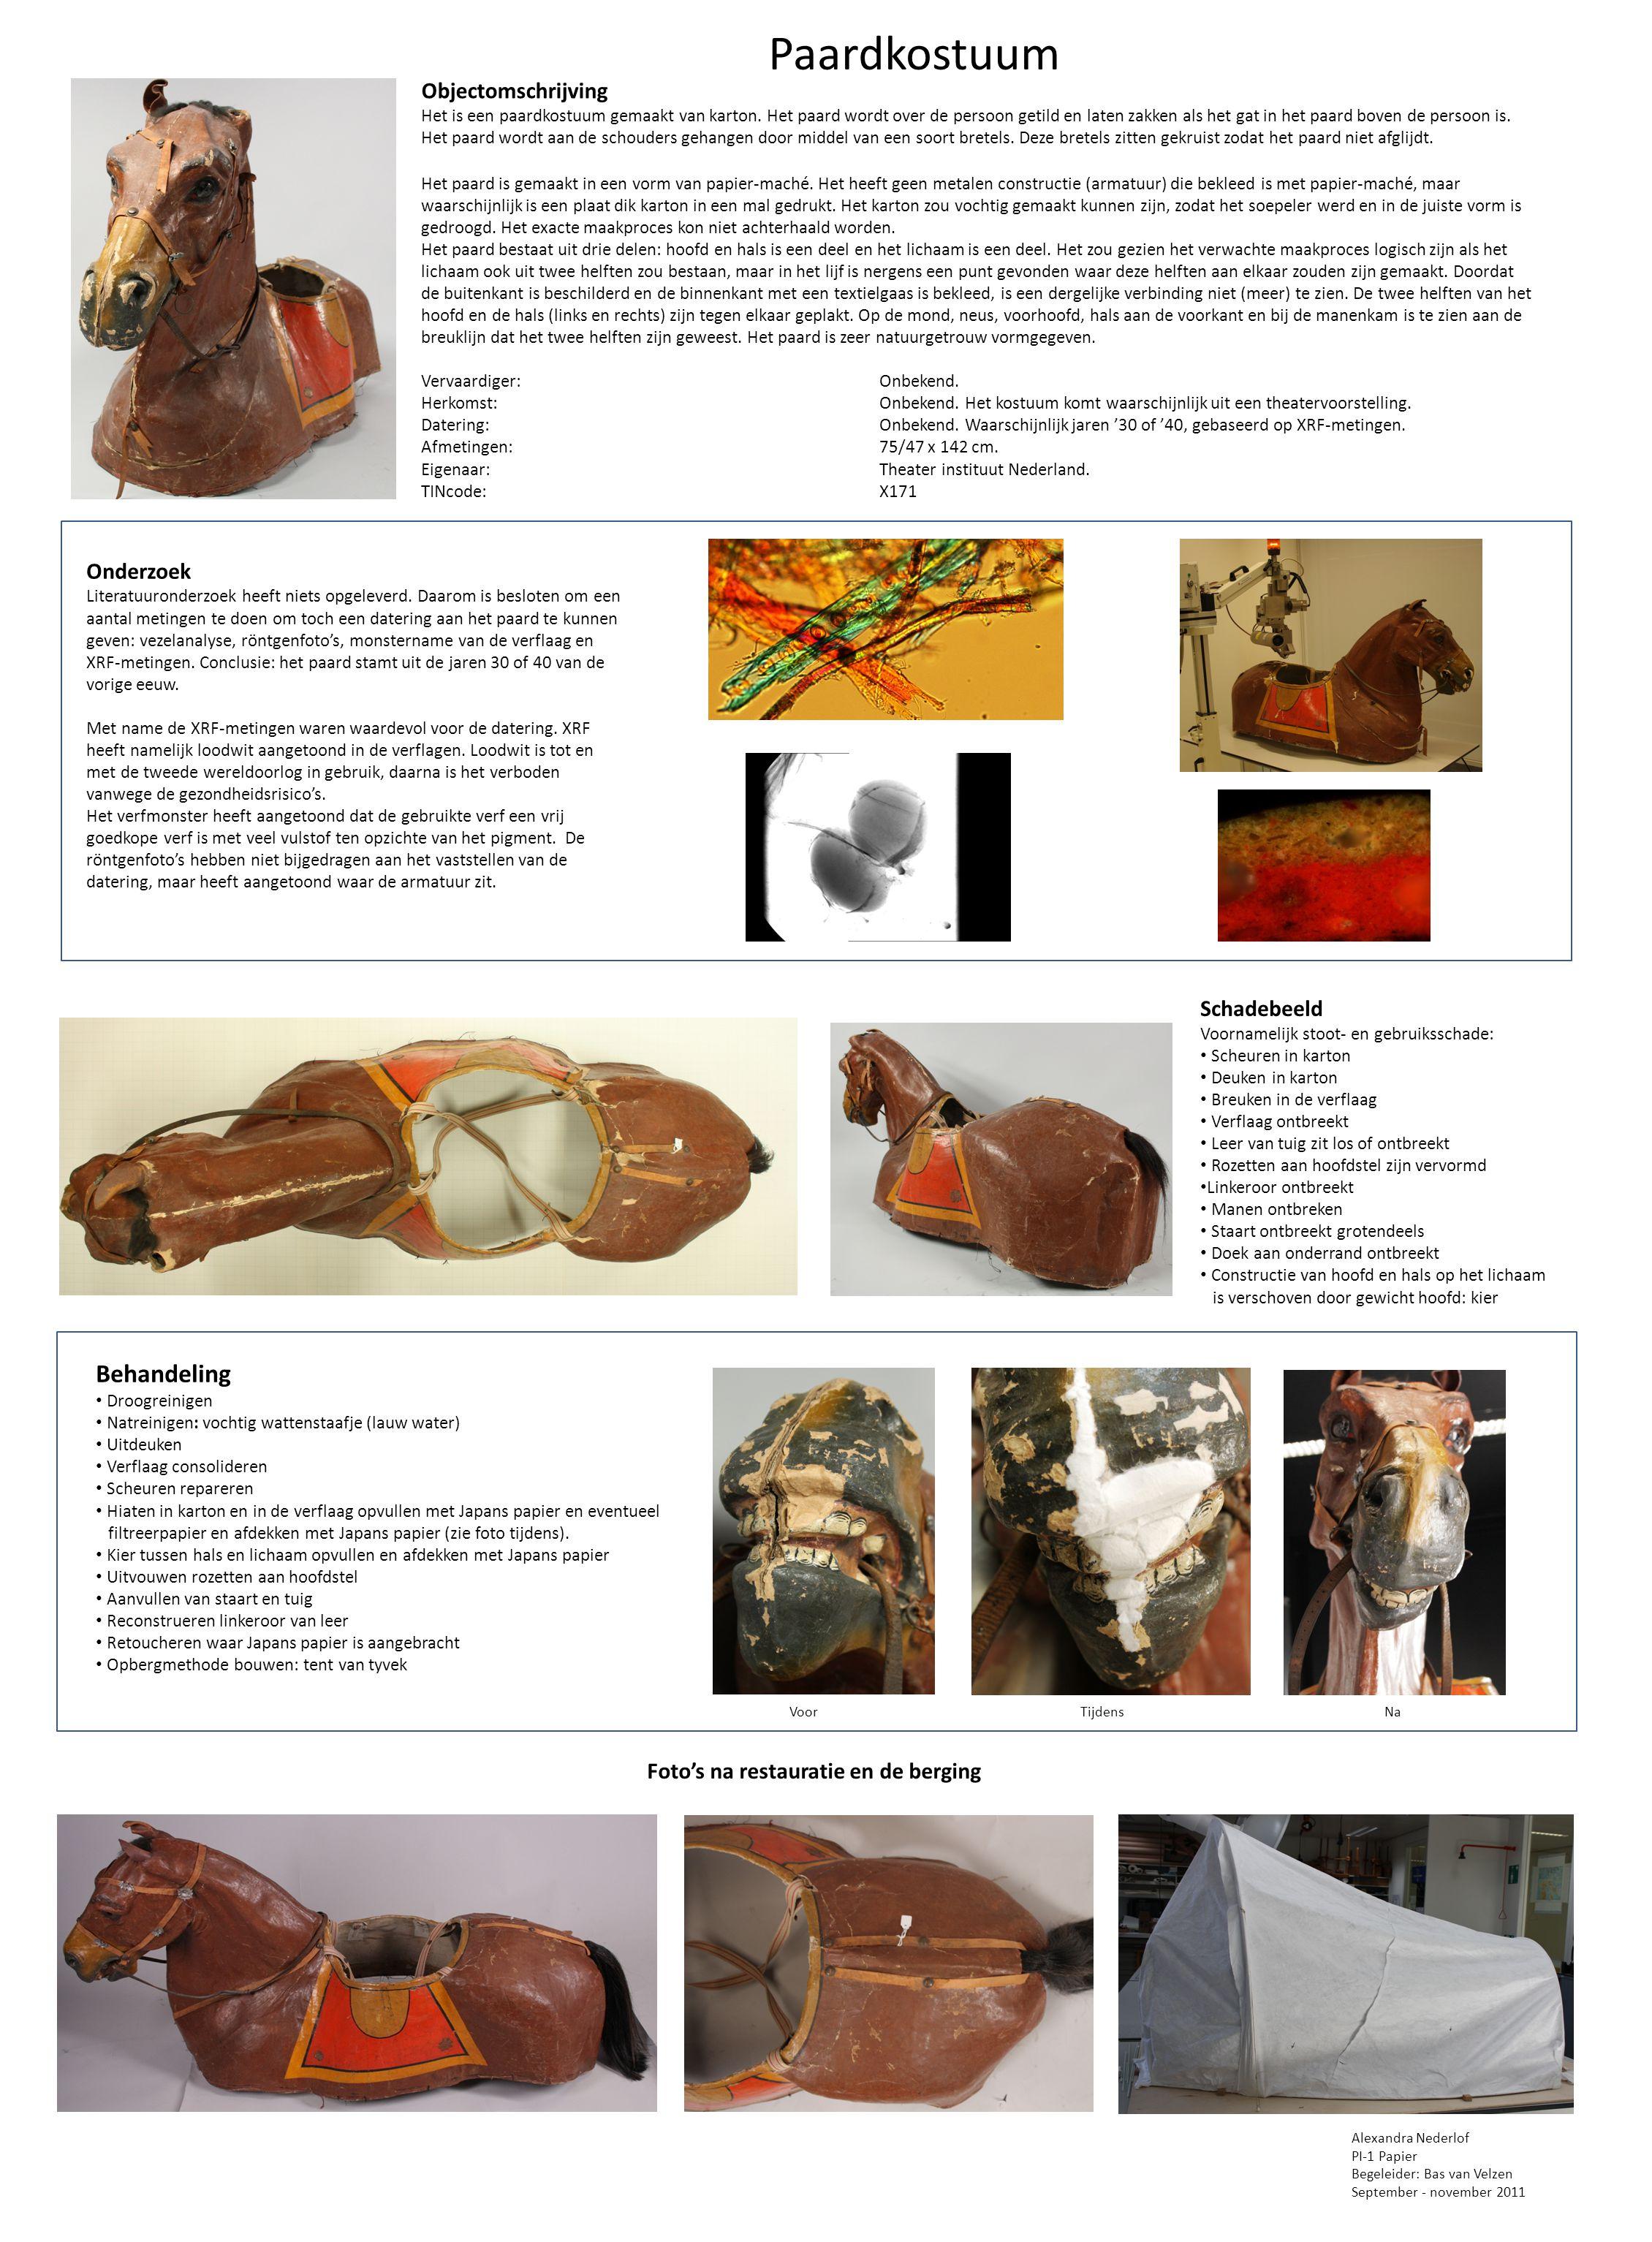 Paardkostuum Objectomschrijving Het is een paardkostuum gemaakt van karton.